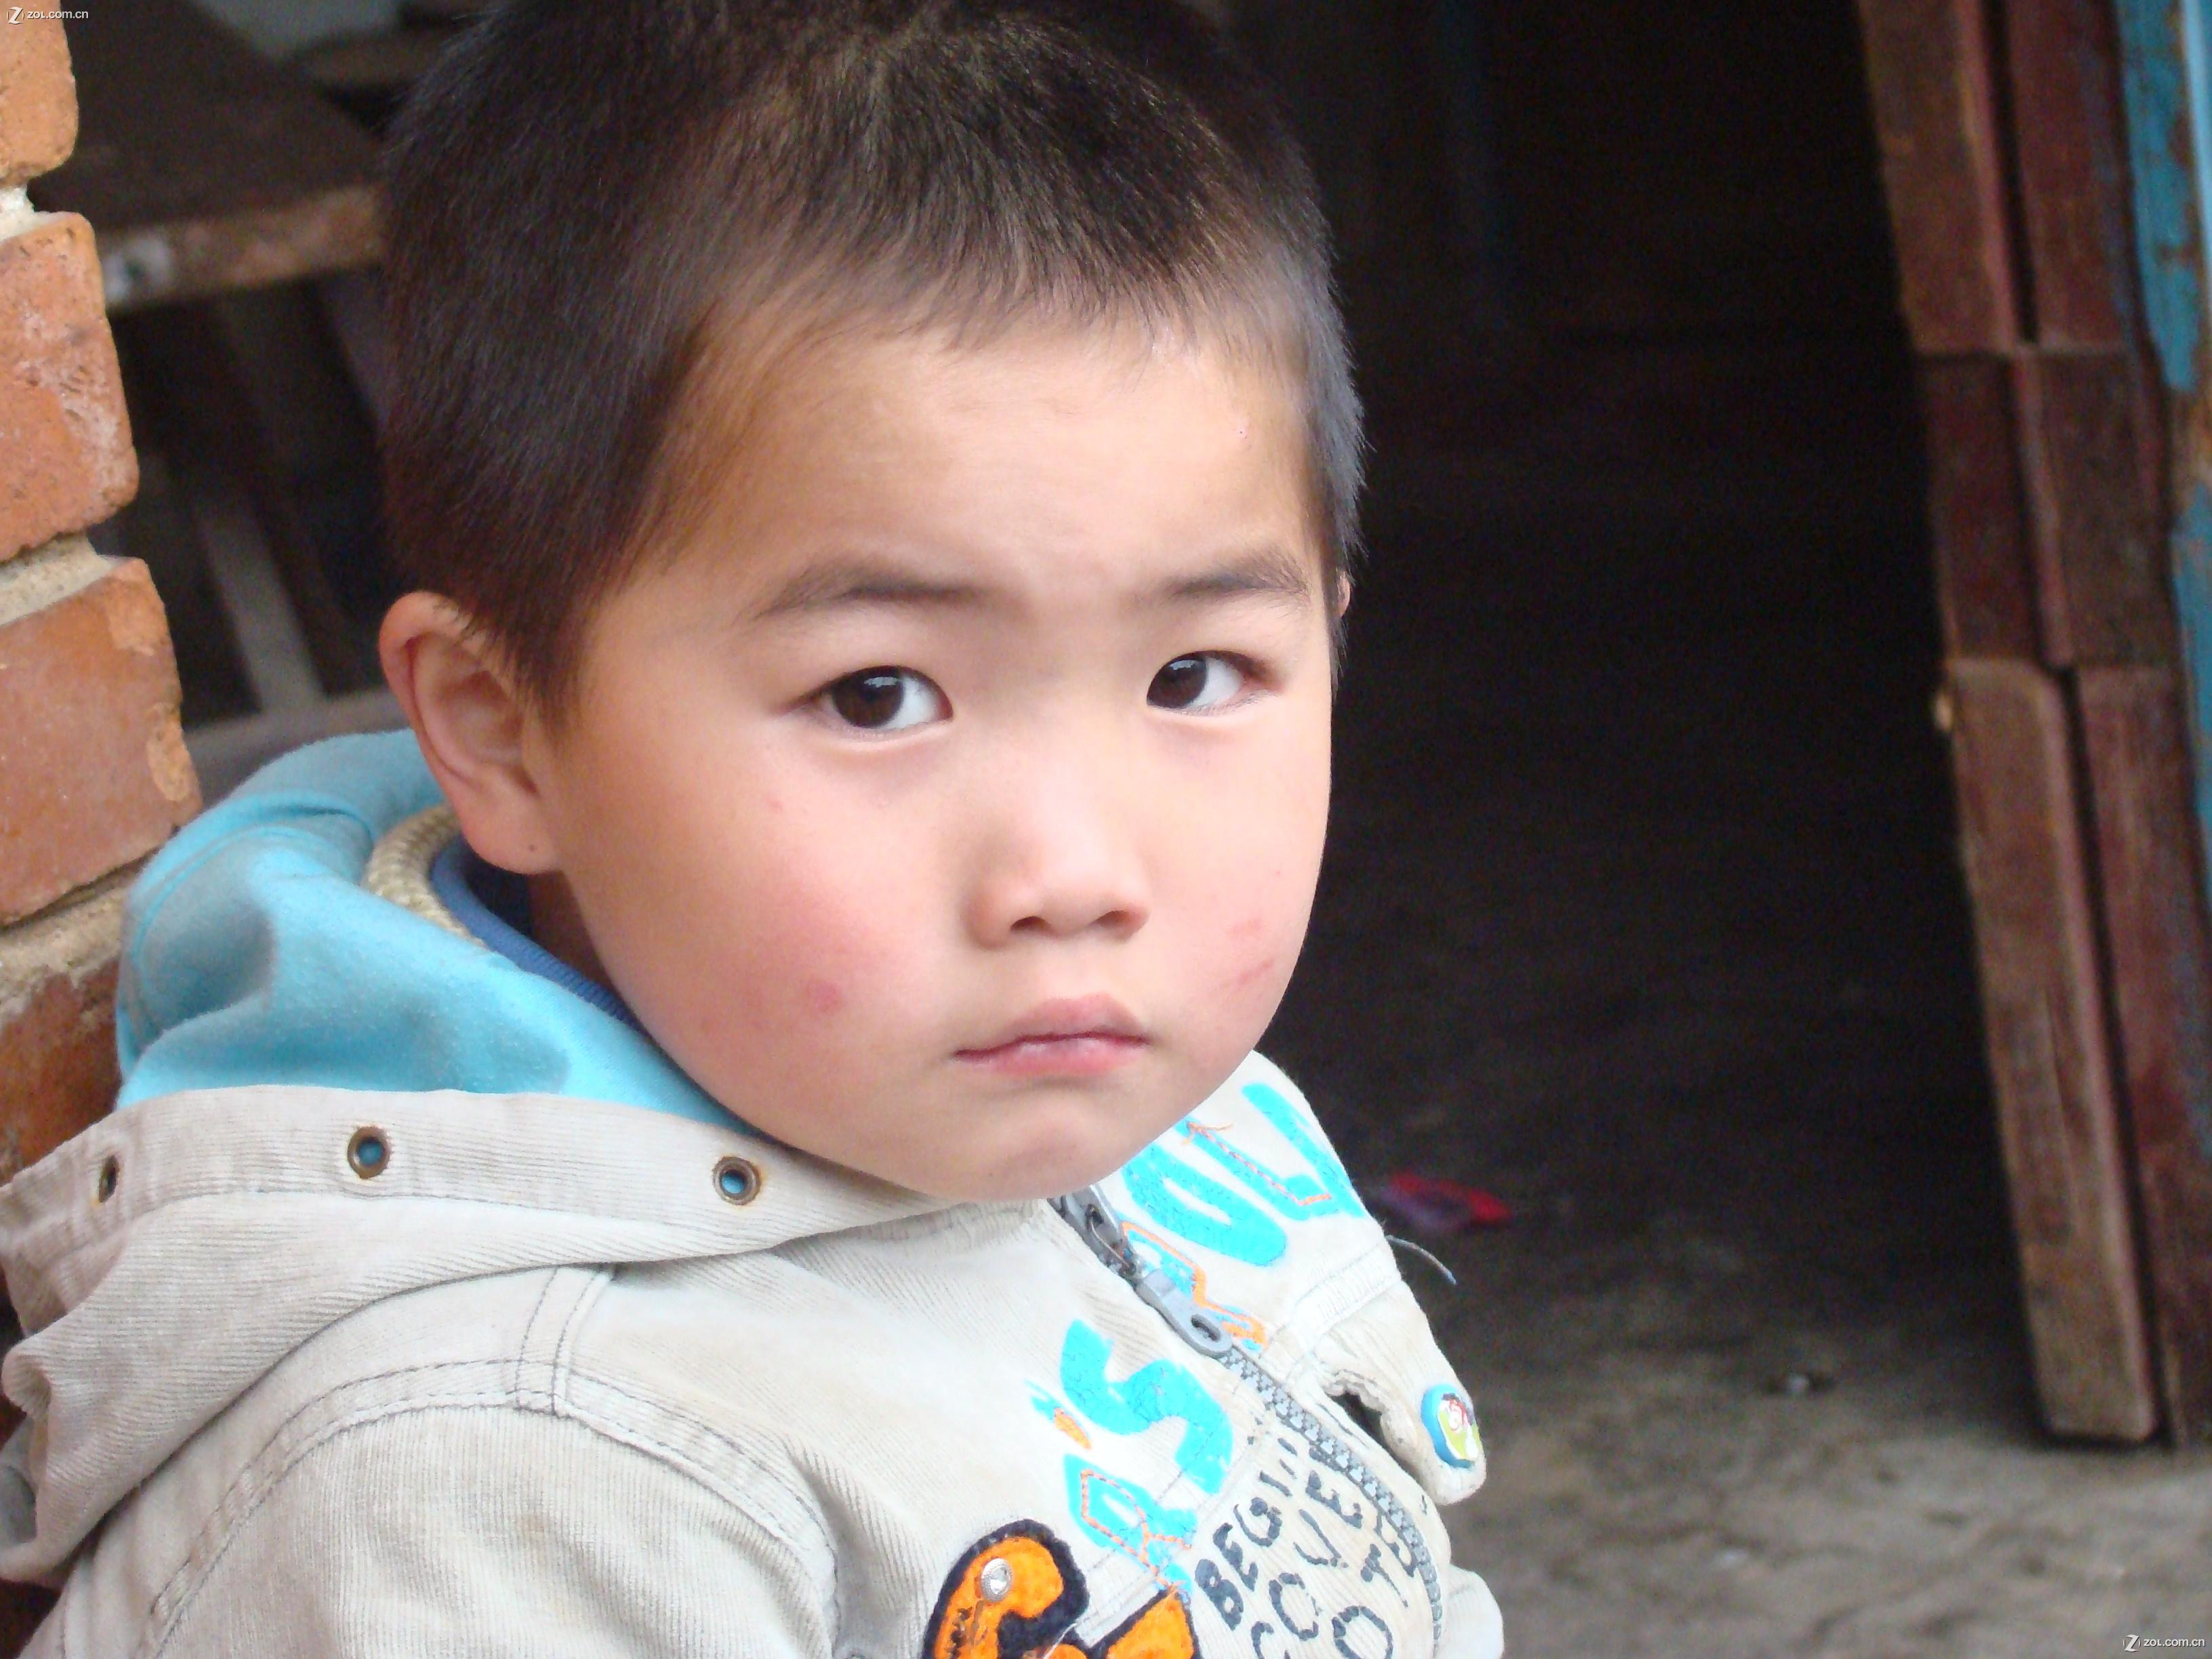 【娃娃脸】-索尼 h7-数码摄影论坛-zol中关村在线